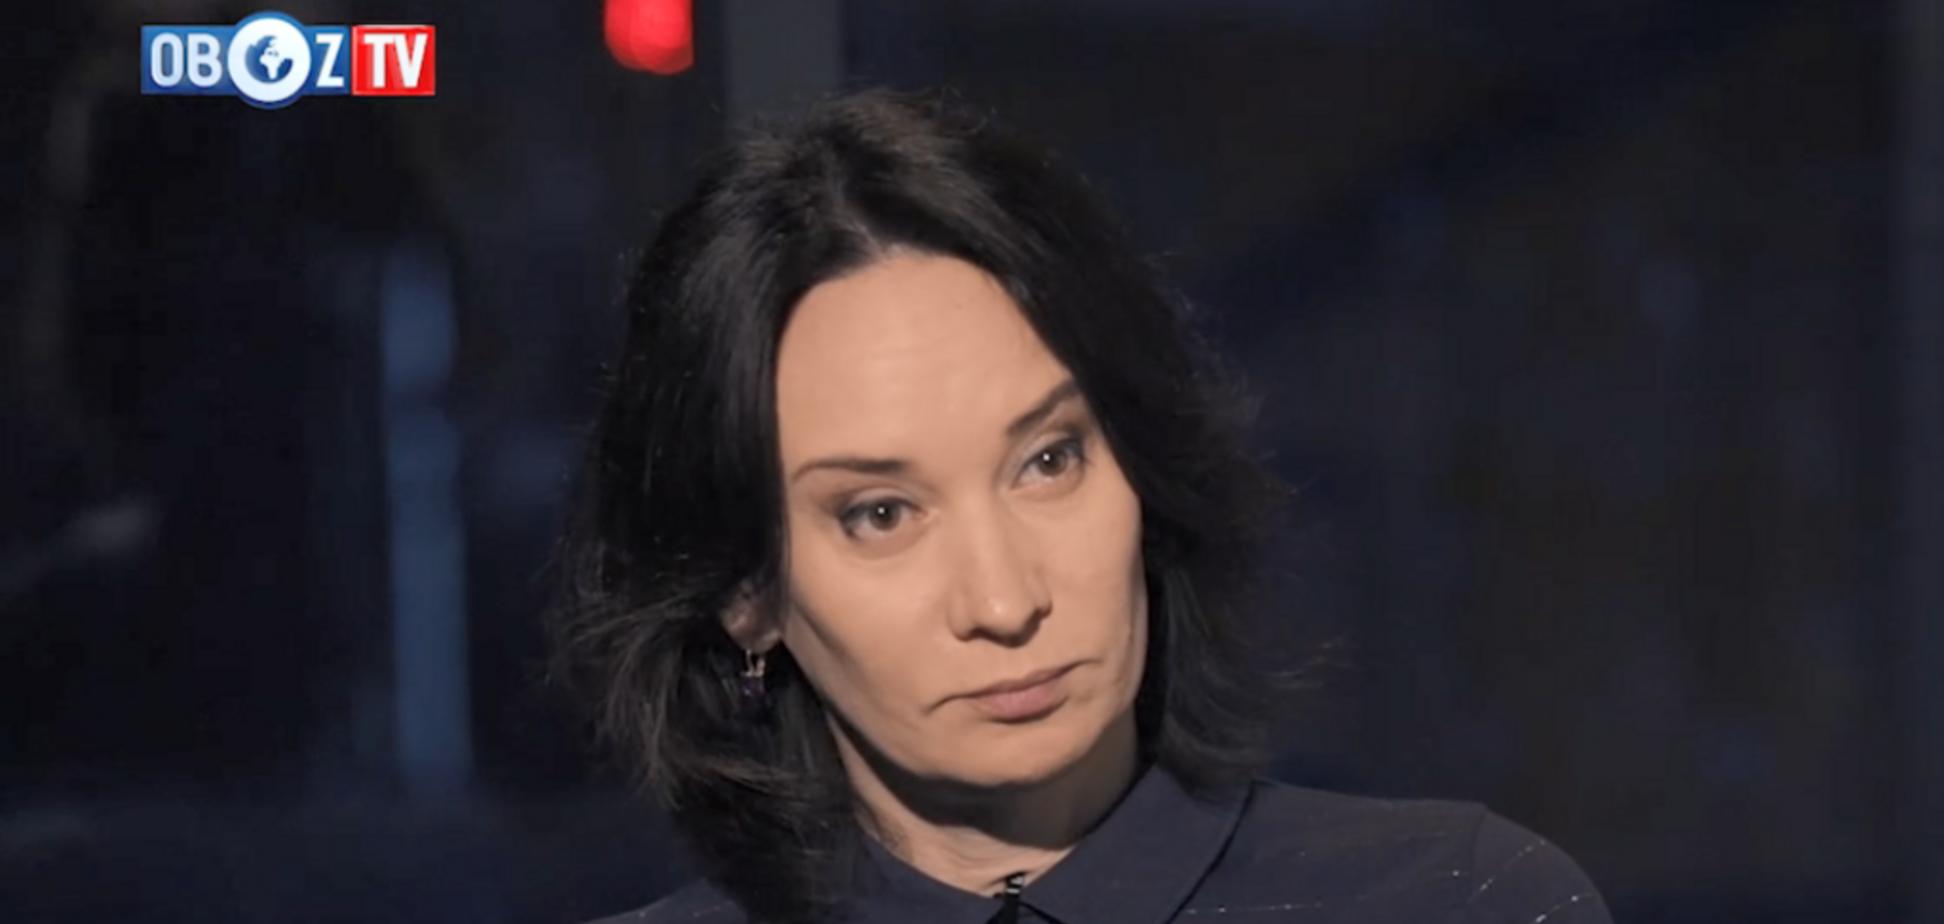 'Мислить, як куховарка': Звіробій розгромила план Зеленського щодо Донбасу